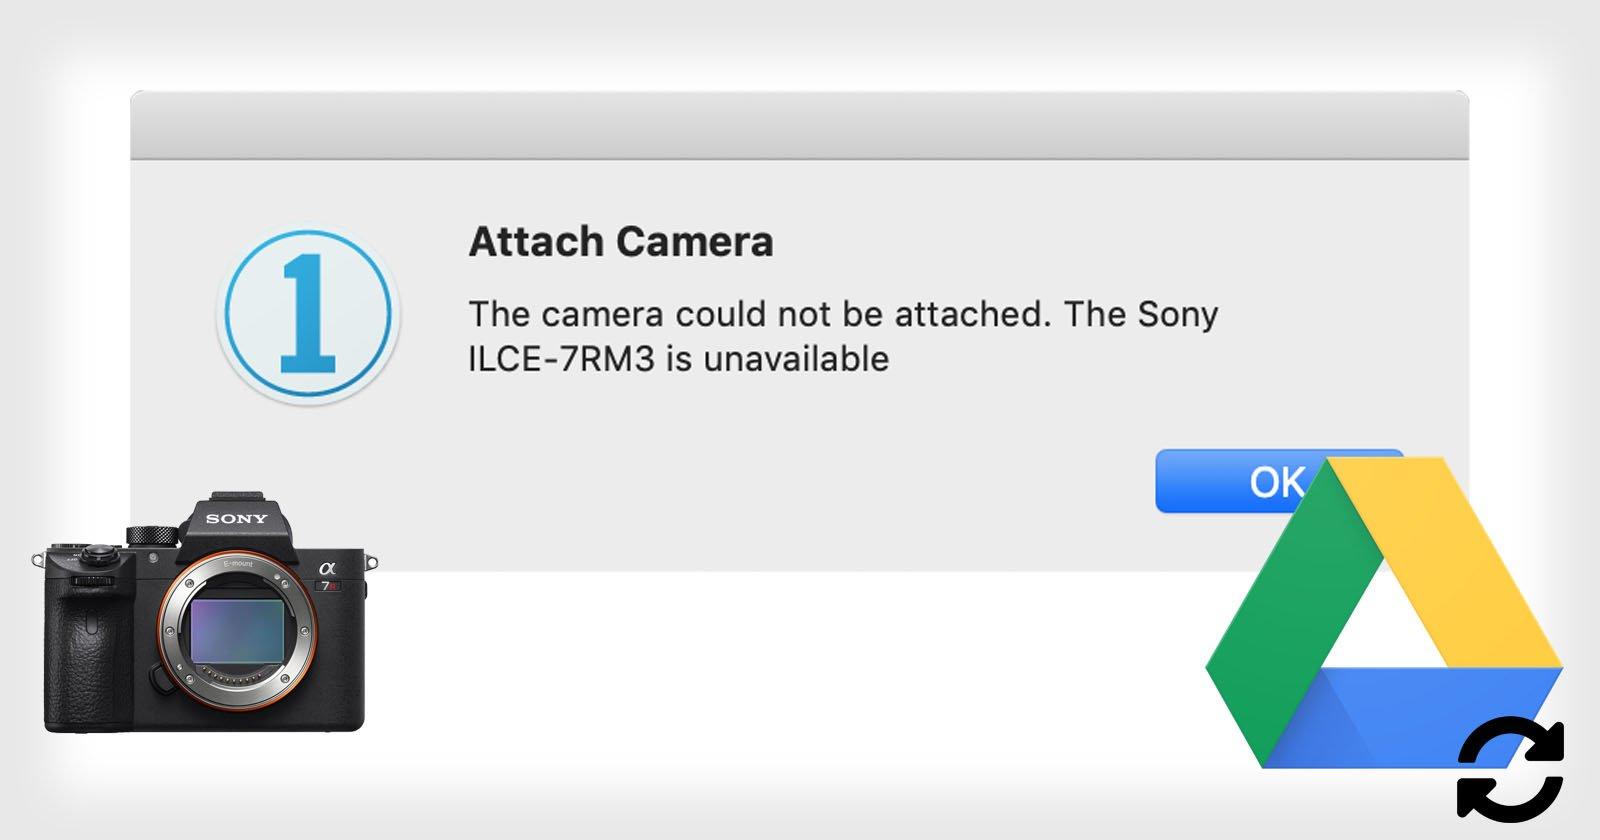 Kamera bindet nicht, um eins aufzunehmen? Cloud-Dateisynchronisierung ist möglicherweise Schuld